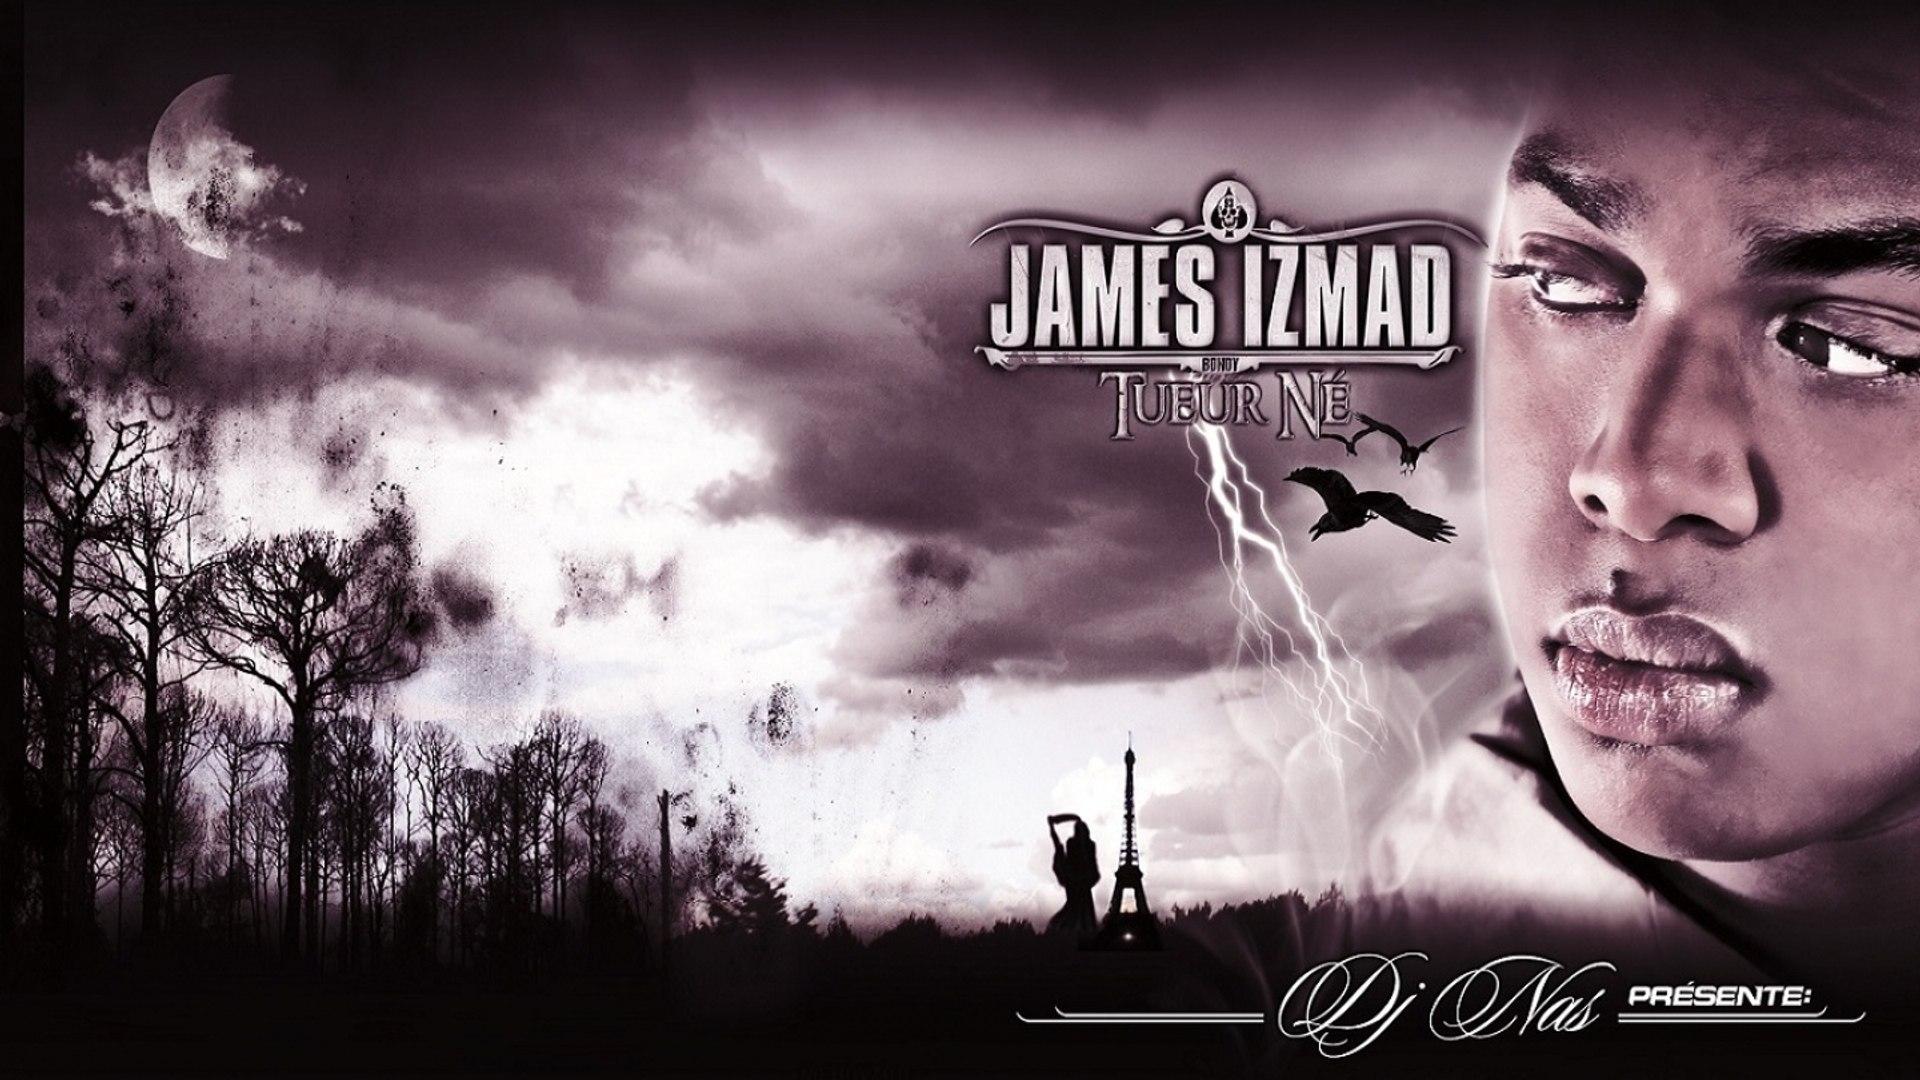 James Izmad - Toujours au front